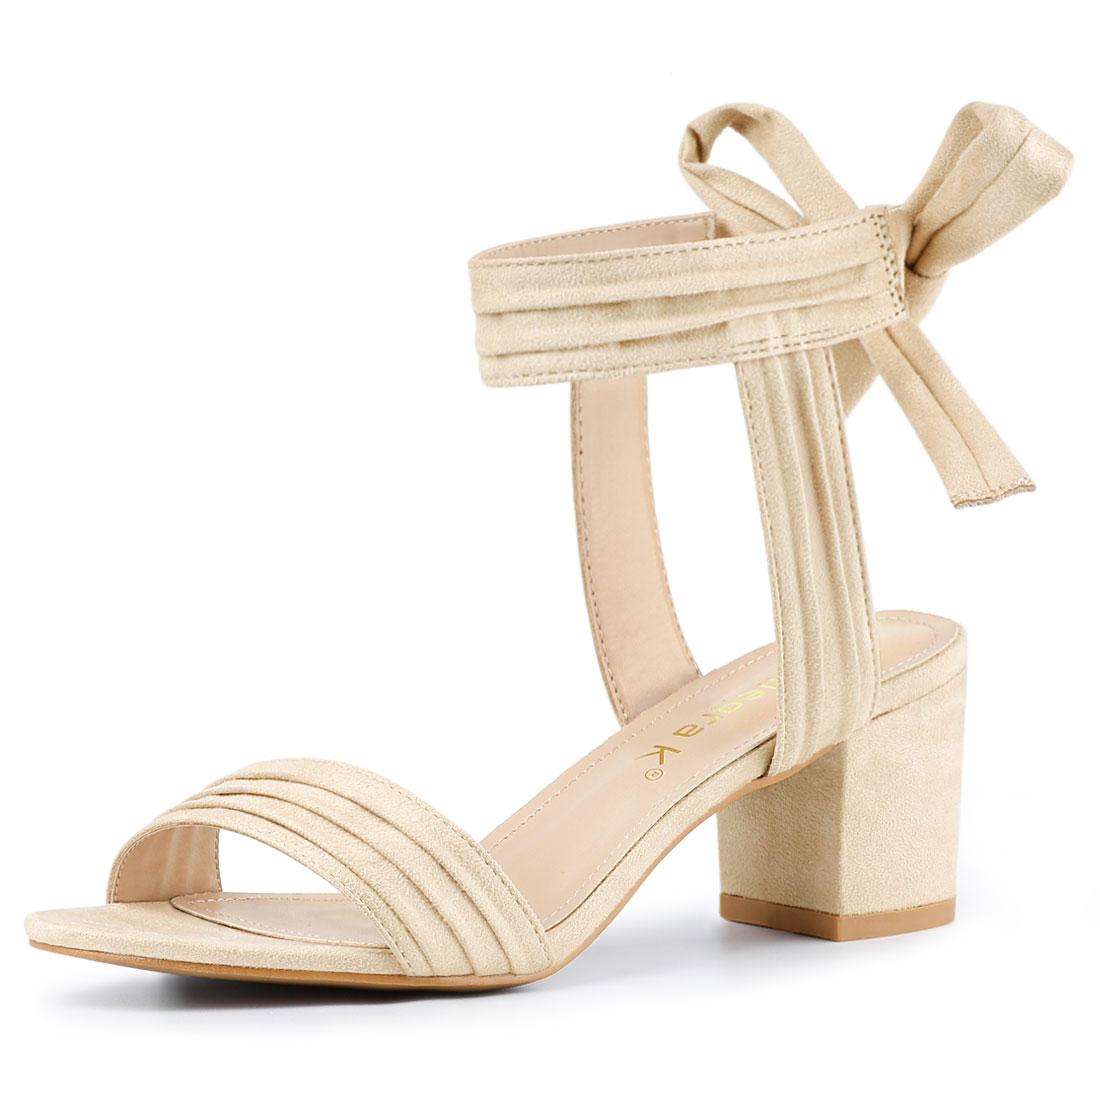 Allegra K Women's Open Toe Ankle Tie Back Block Heel Sandals Beige US 6